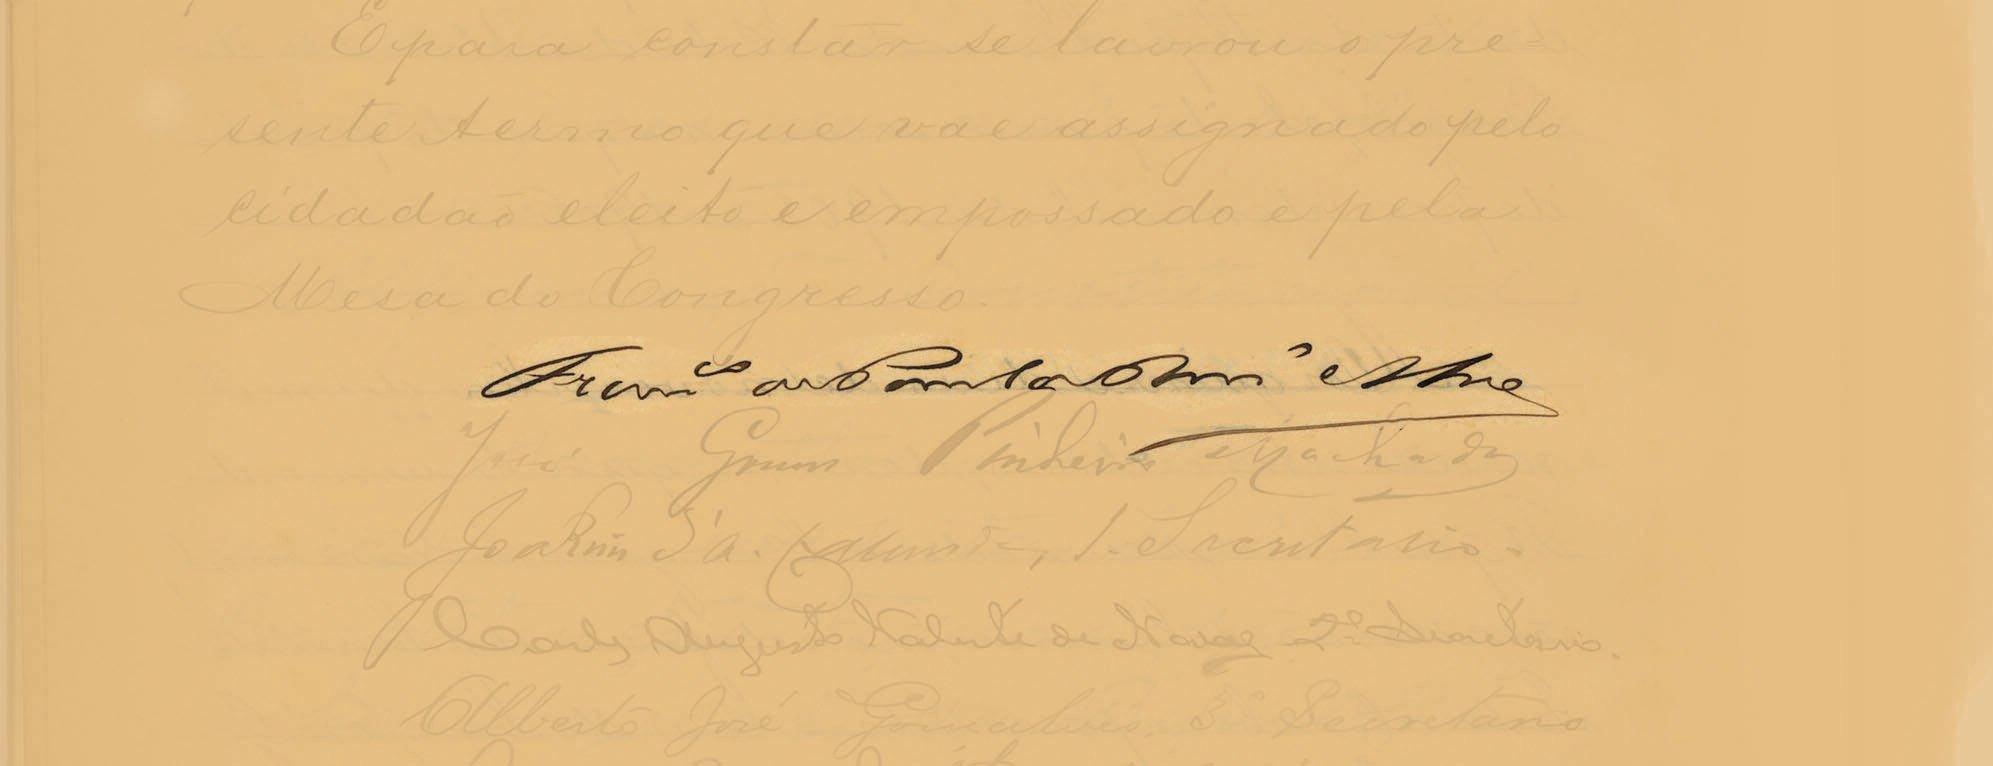 Rodrigues Alves assinou o Termo de Posse em 15 de novembro de 190. Foto: Reprodução / Senado Federal